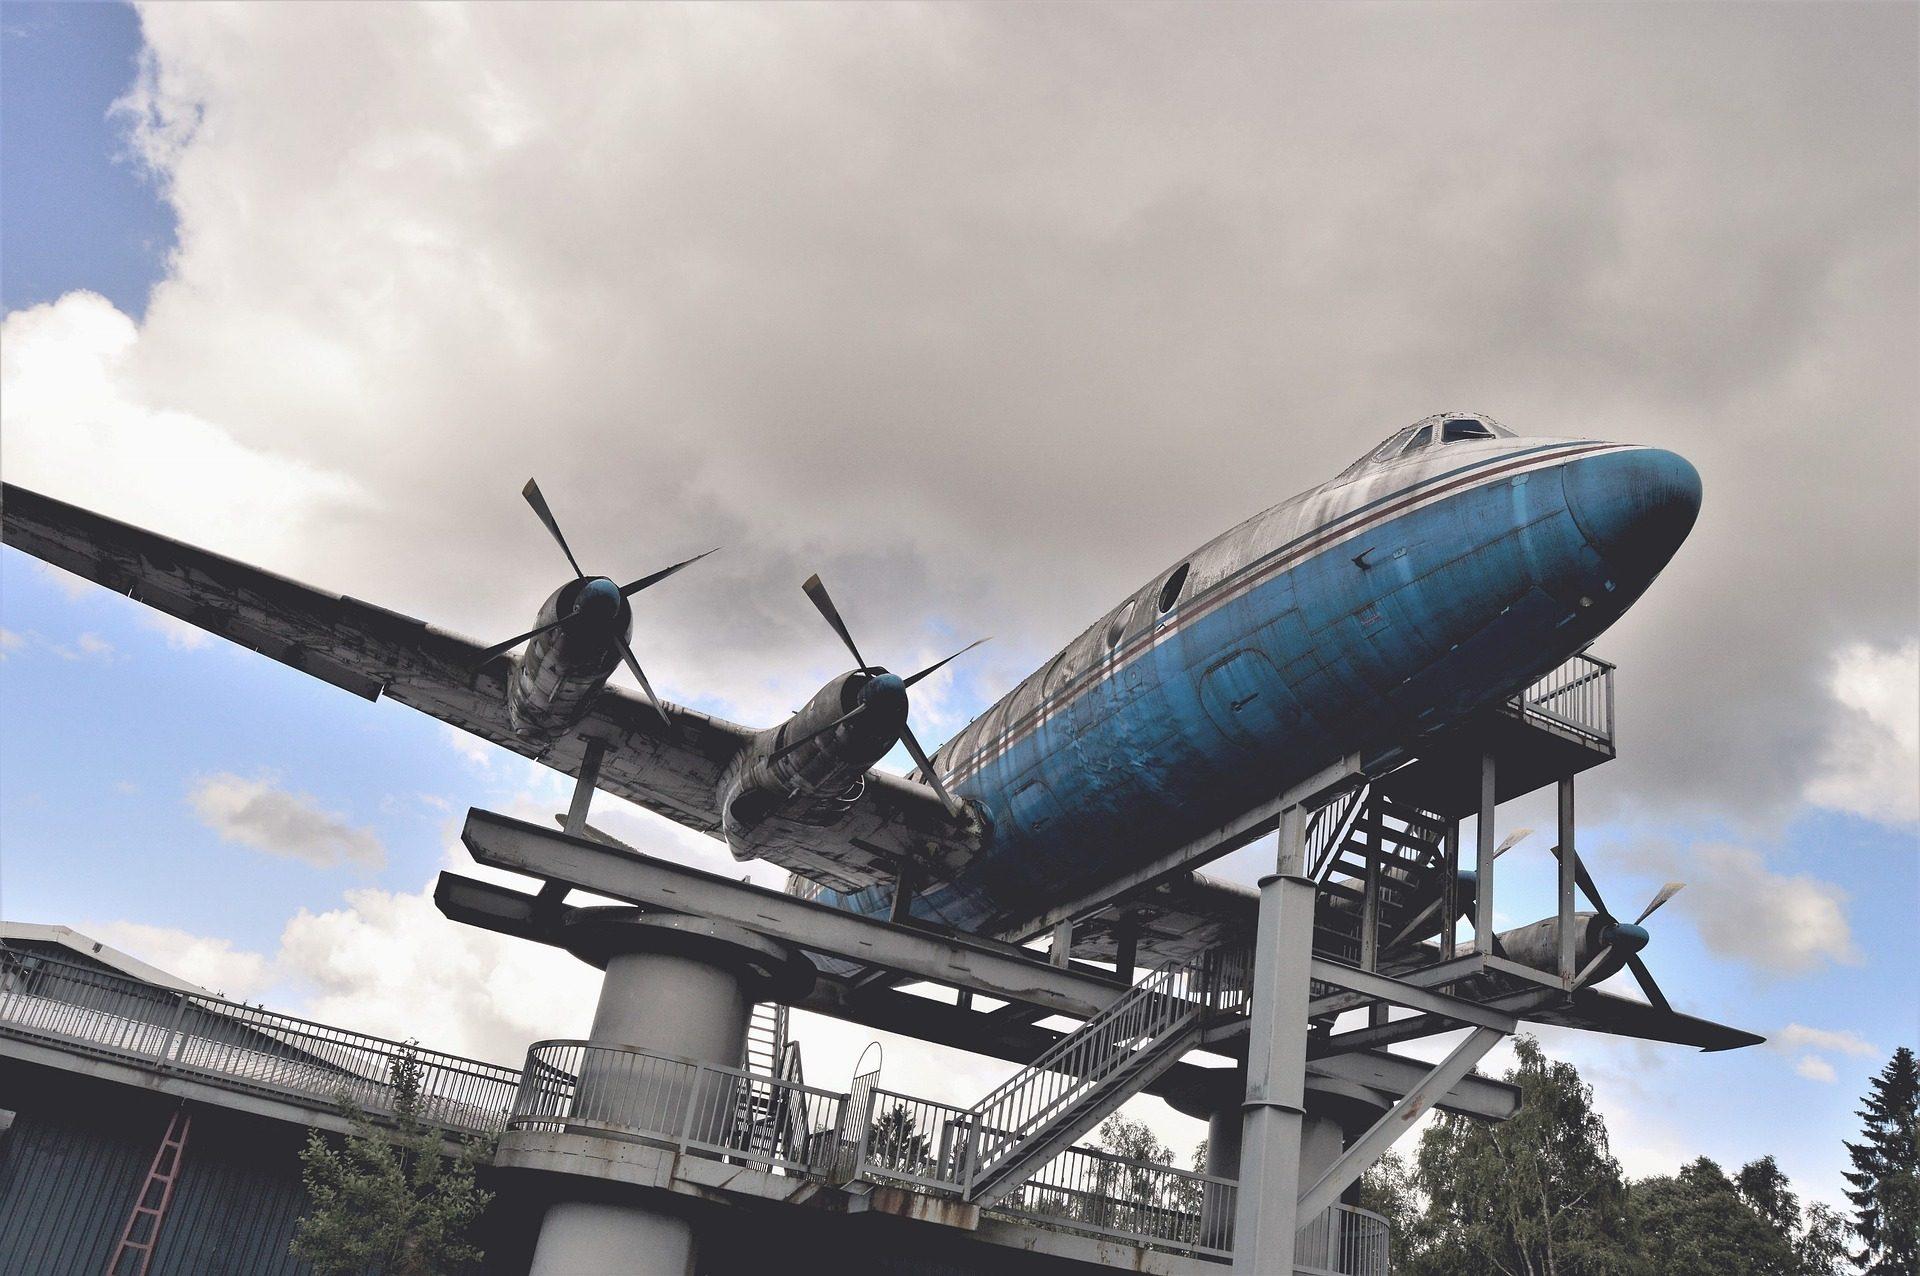 Avión, Monumento, Arrugginito, sporco, Cielo, nuvole - Sfondi HD - Professor-falken.com